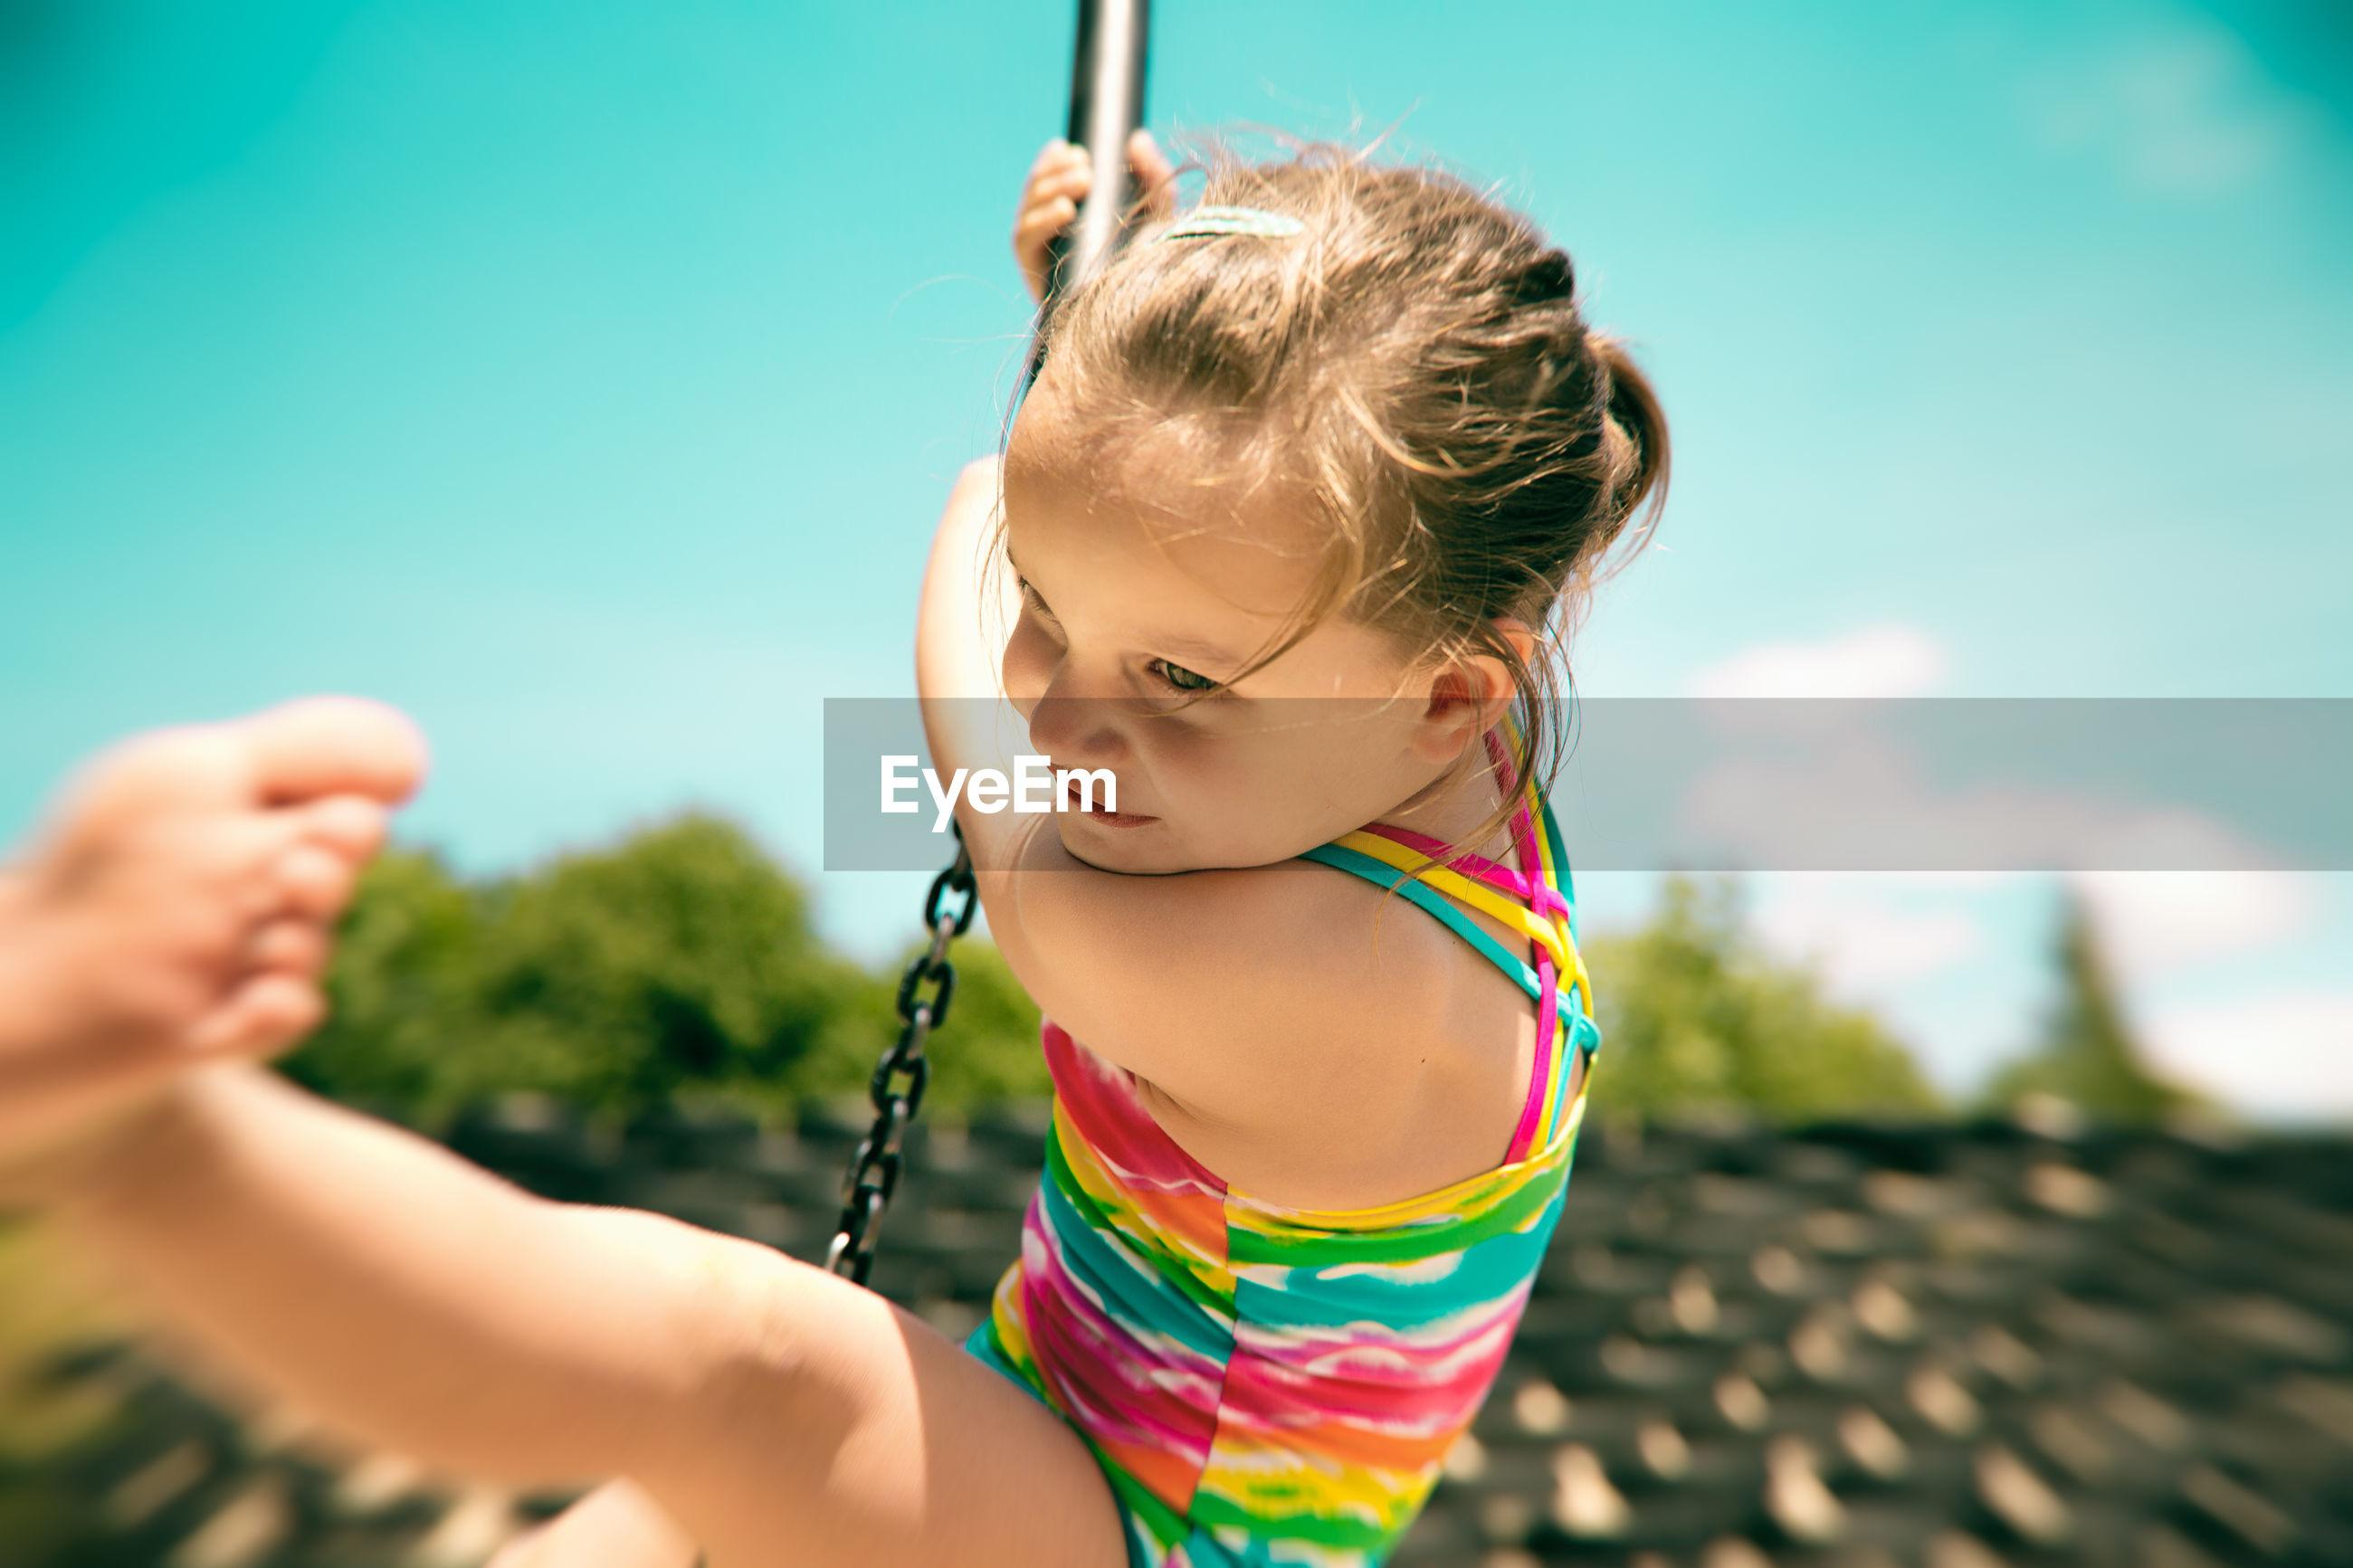 Girl swinging on chain against sky